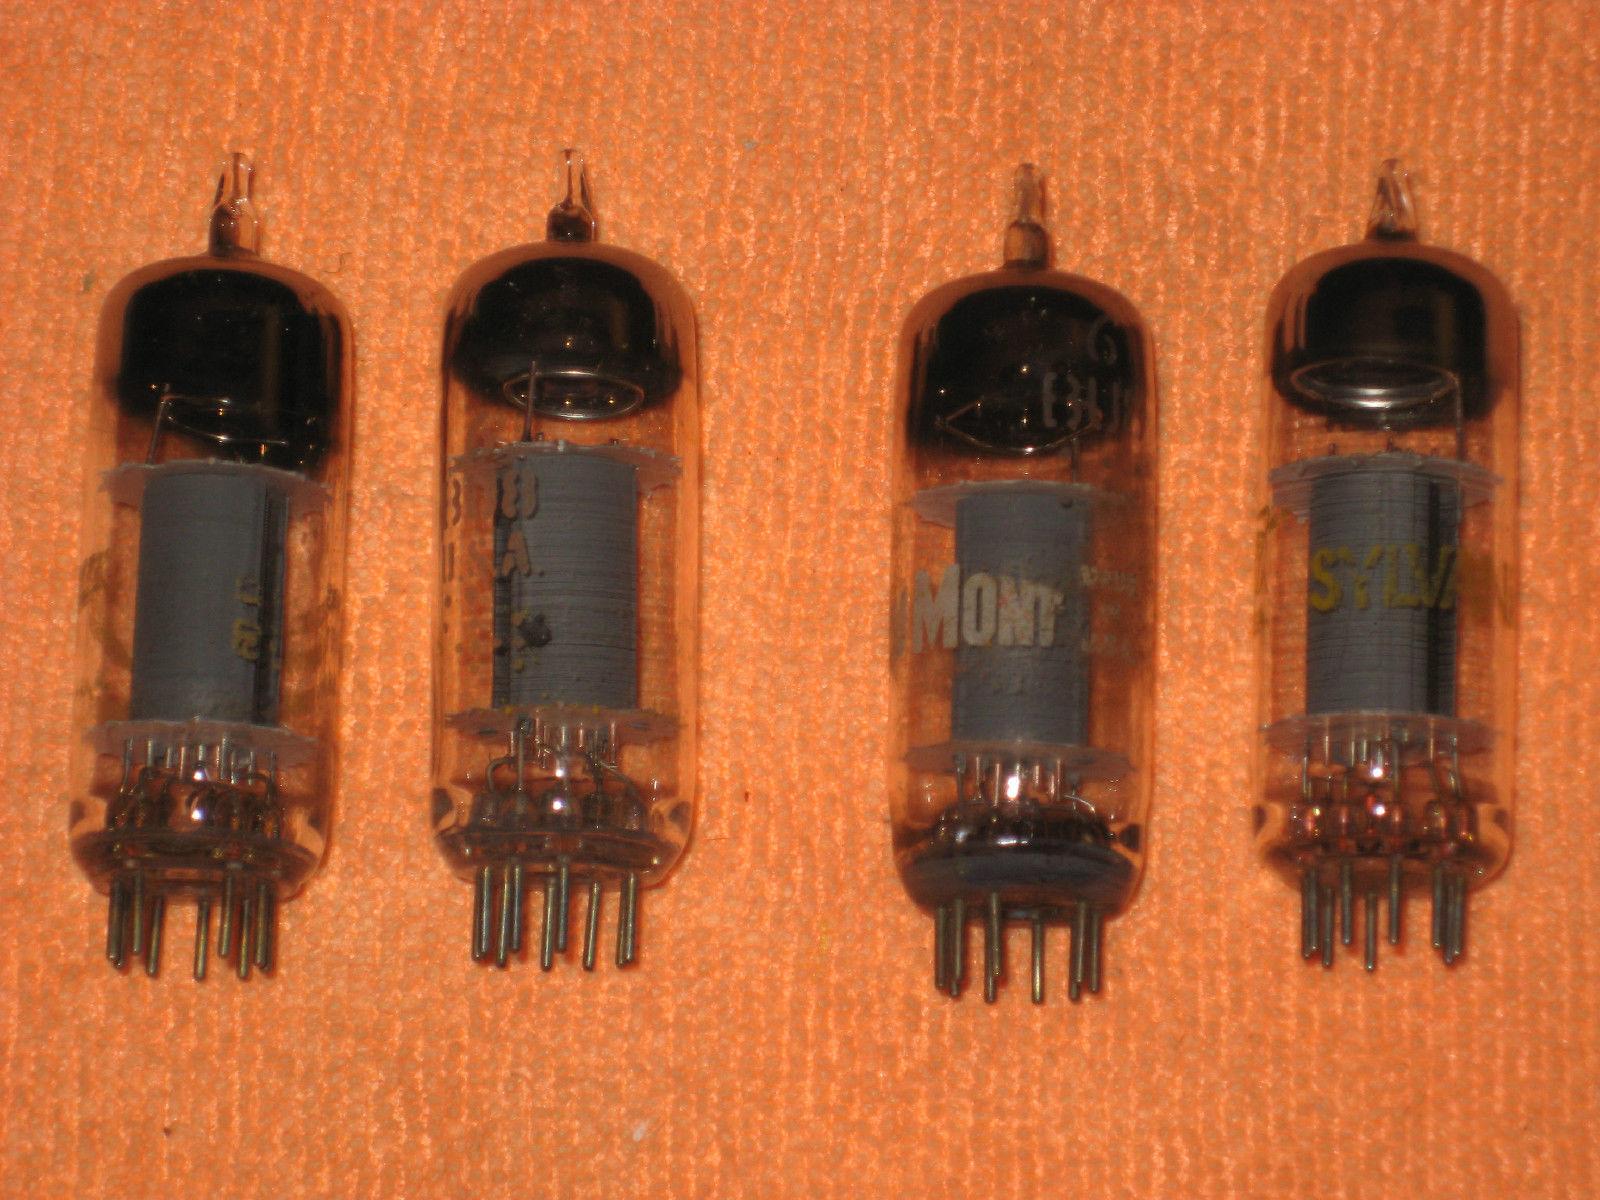 Vintage Radio Vacuum Tube (one): 6BU8 - Tested Good